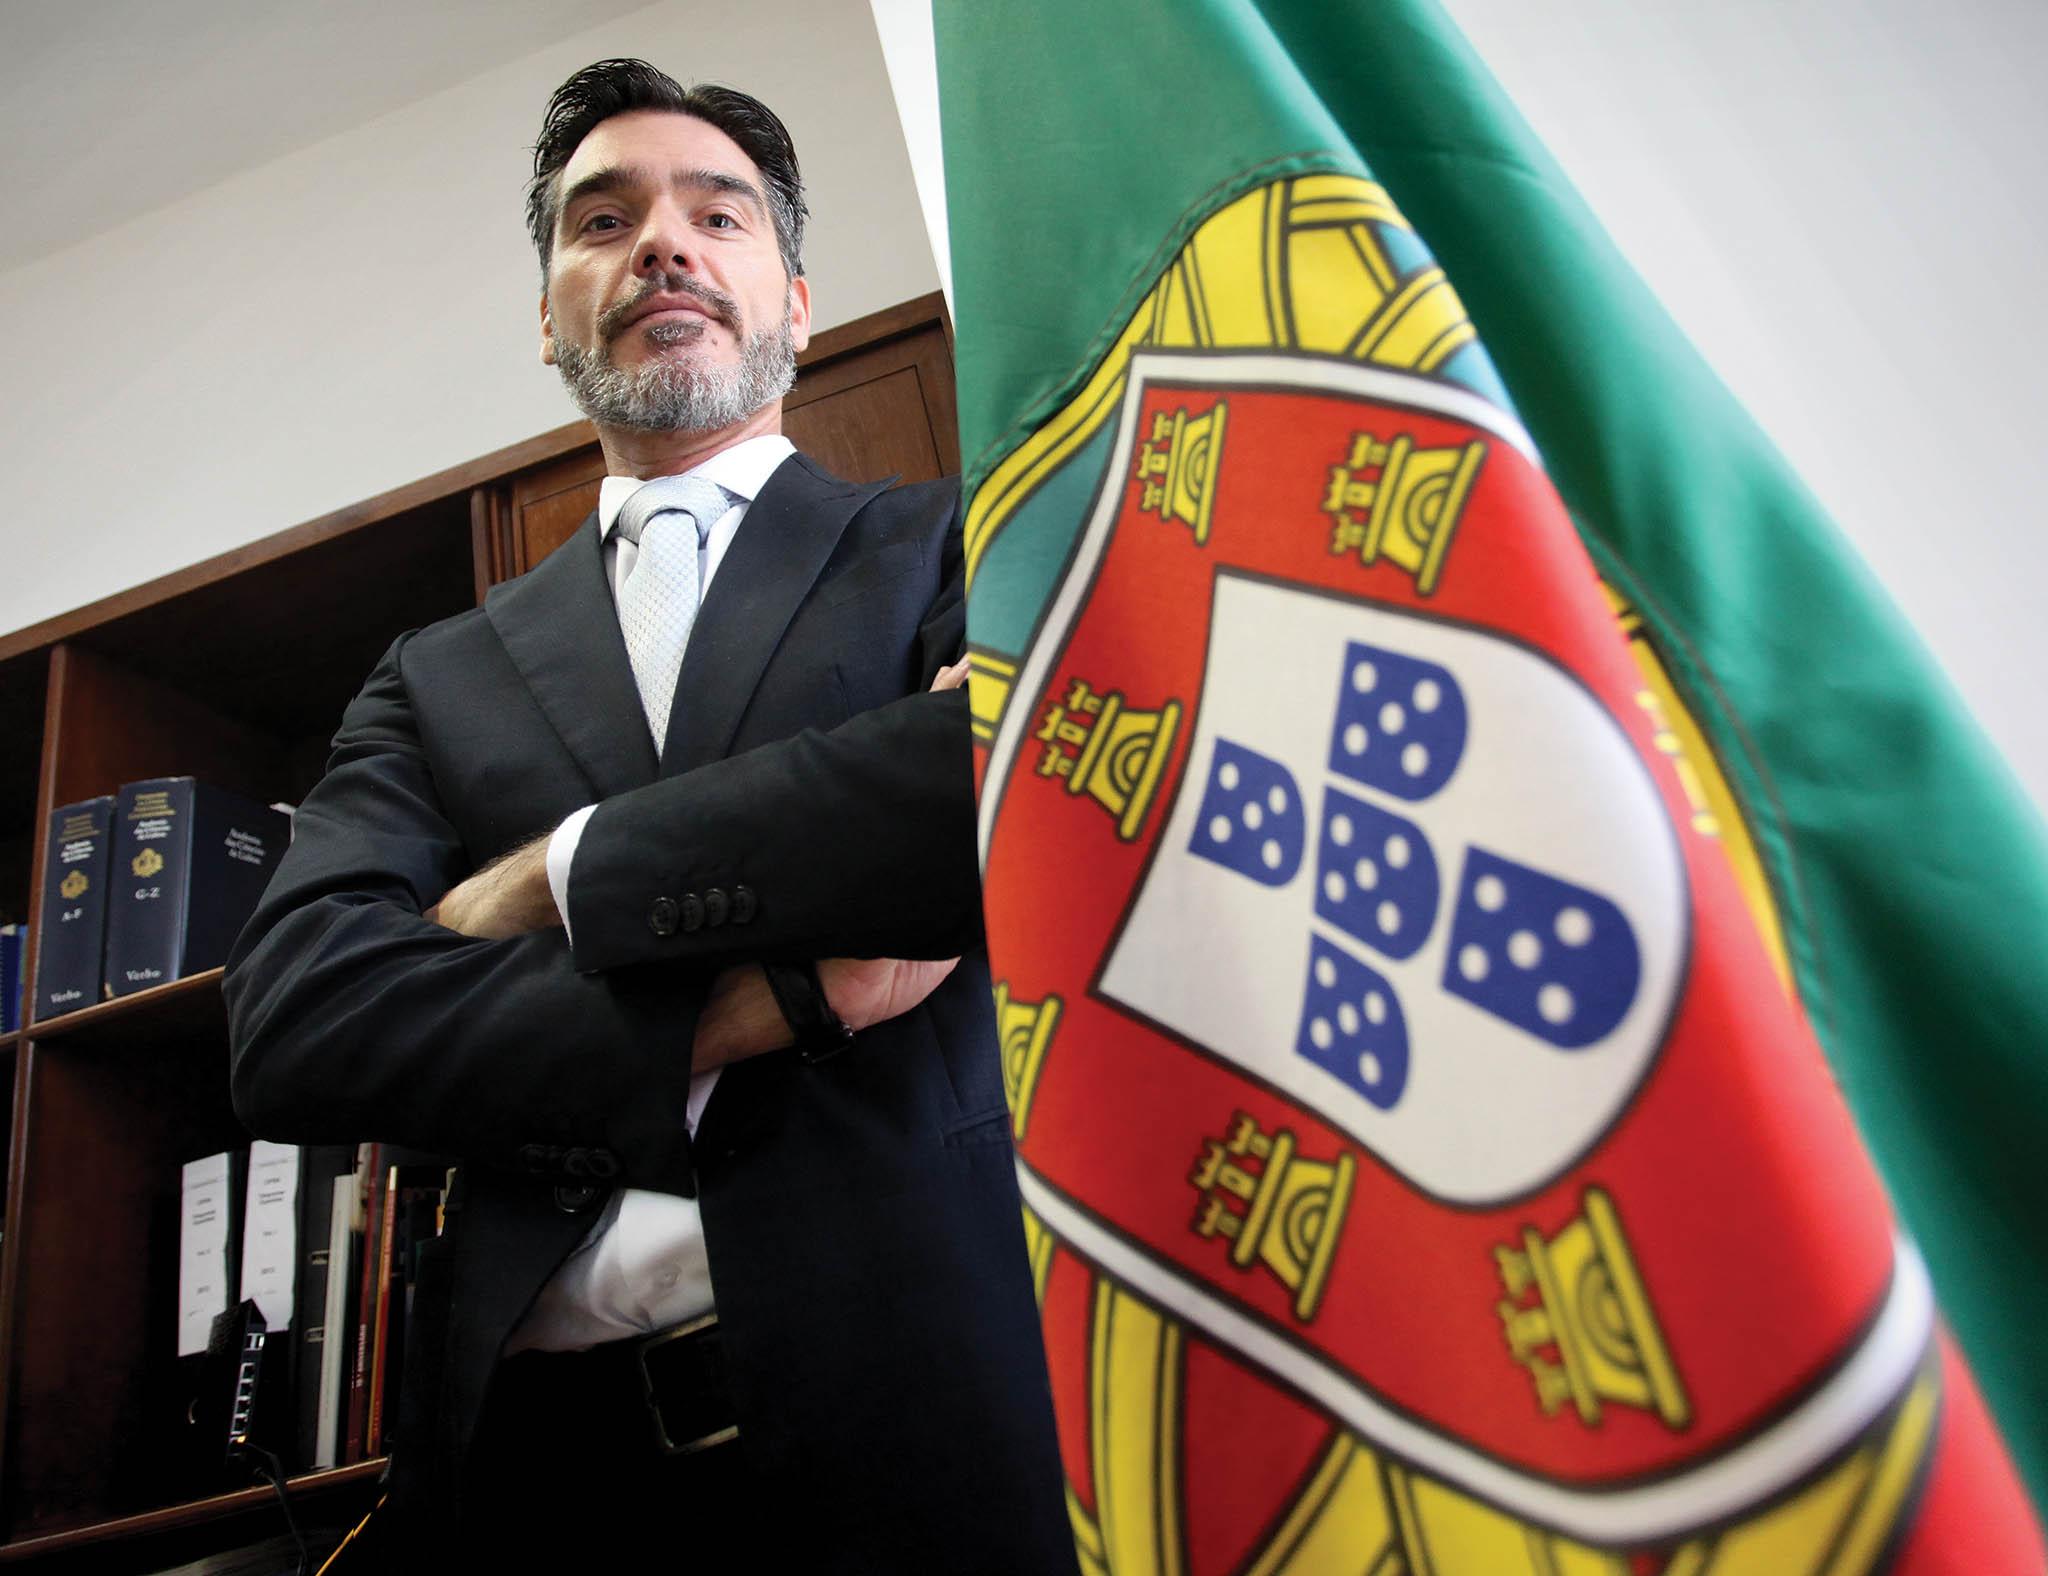 Vítor Sereno troca Macau pelo Senegal com nota excelente